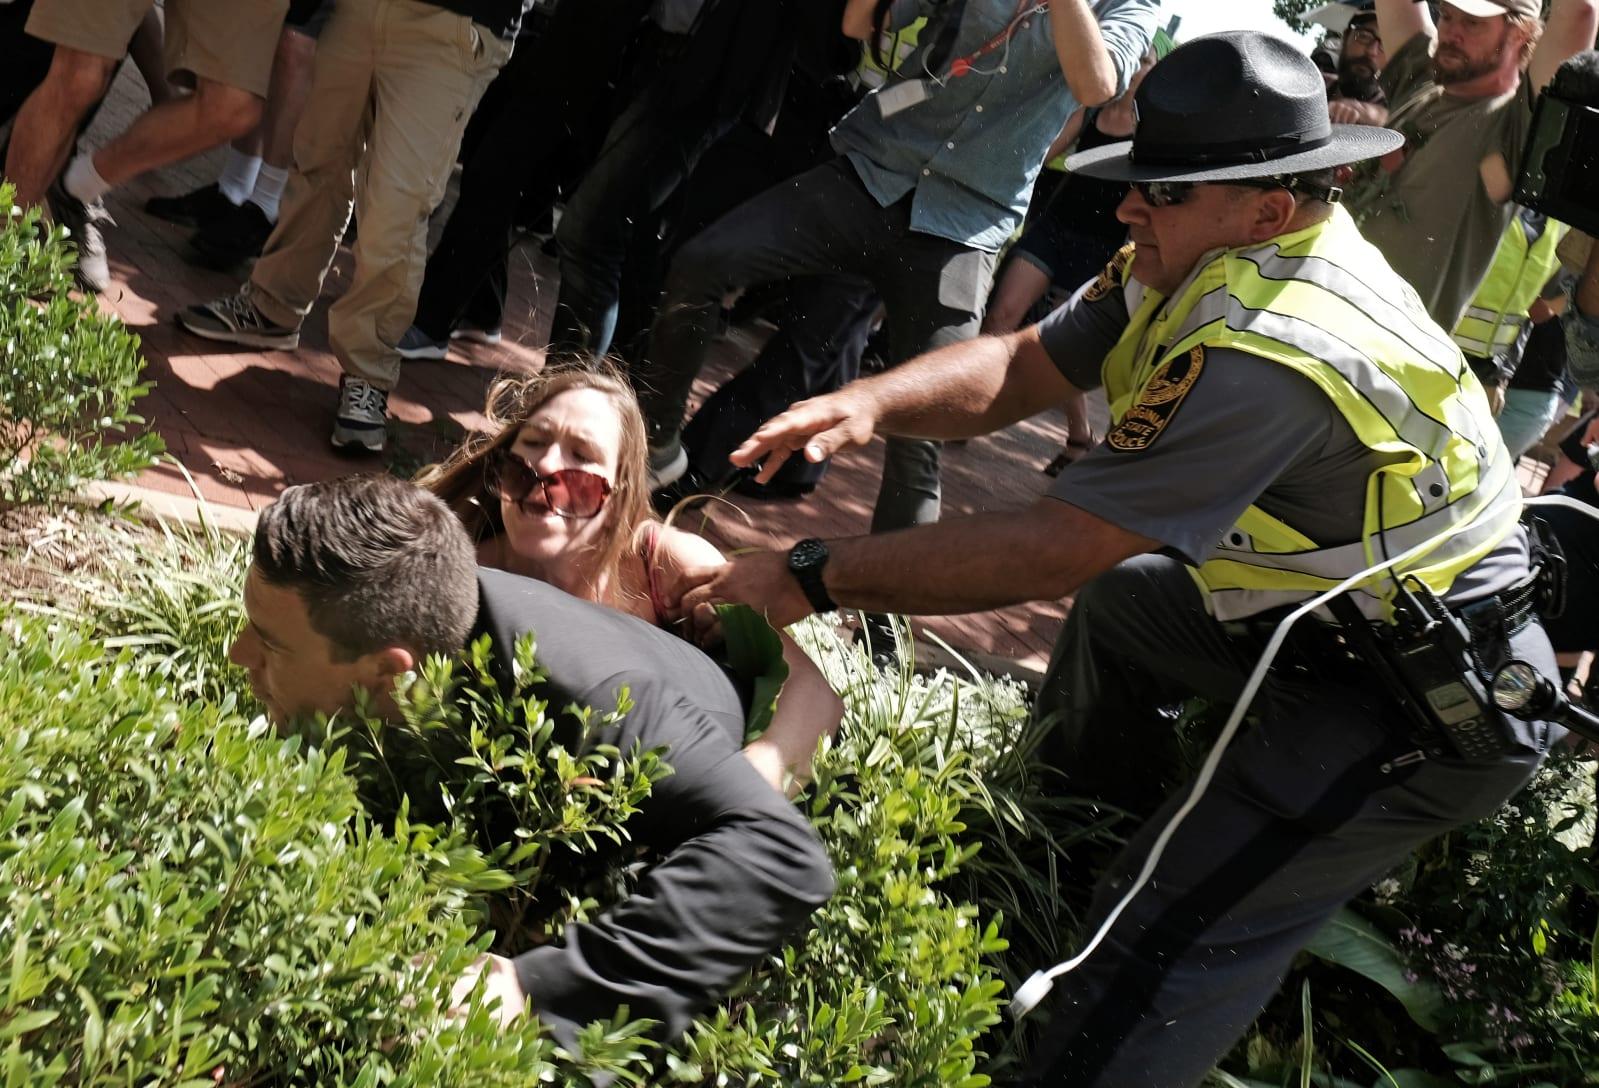 VIRGINIA-PROTESTS/